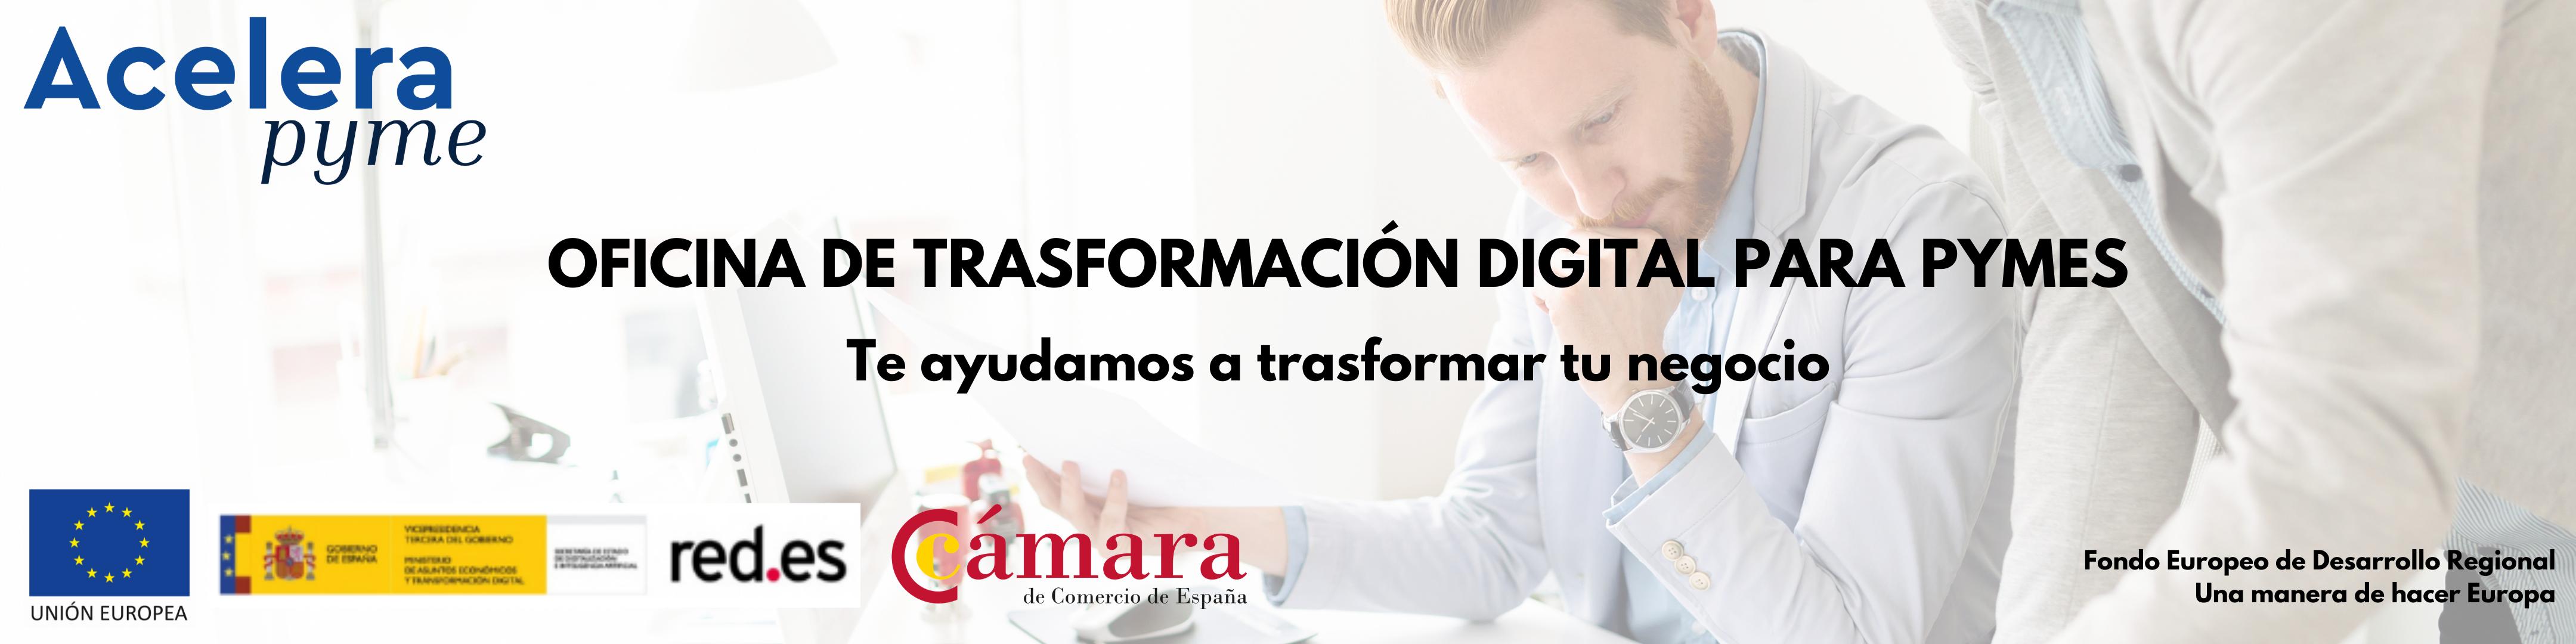 OFICINA DE TRANSFORMACIÓN DIGITAL PARA PYMES 1